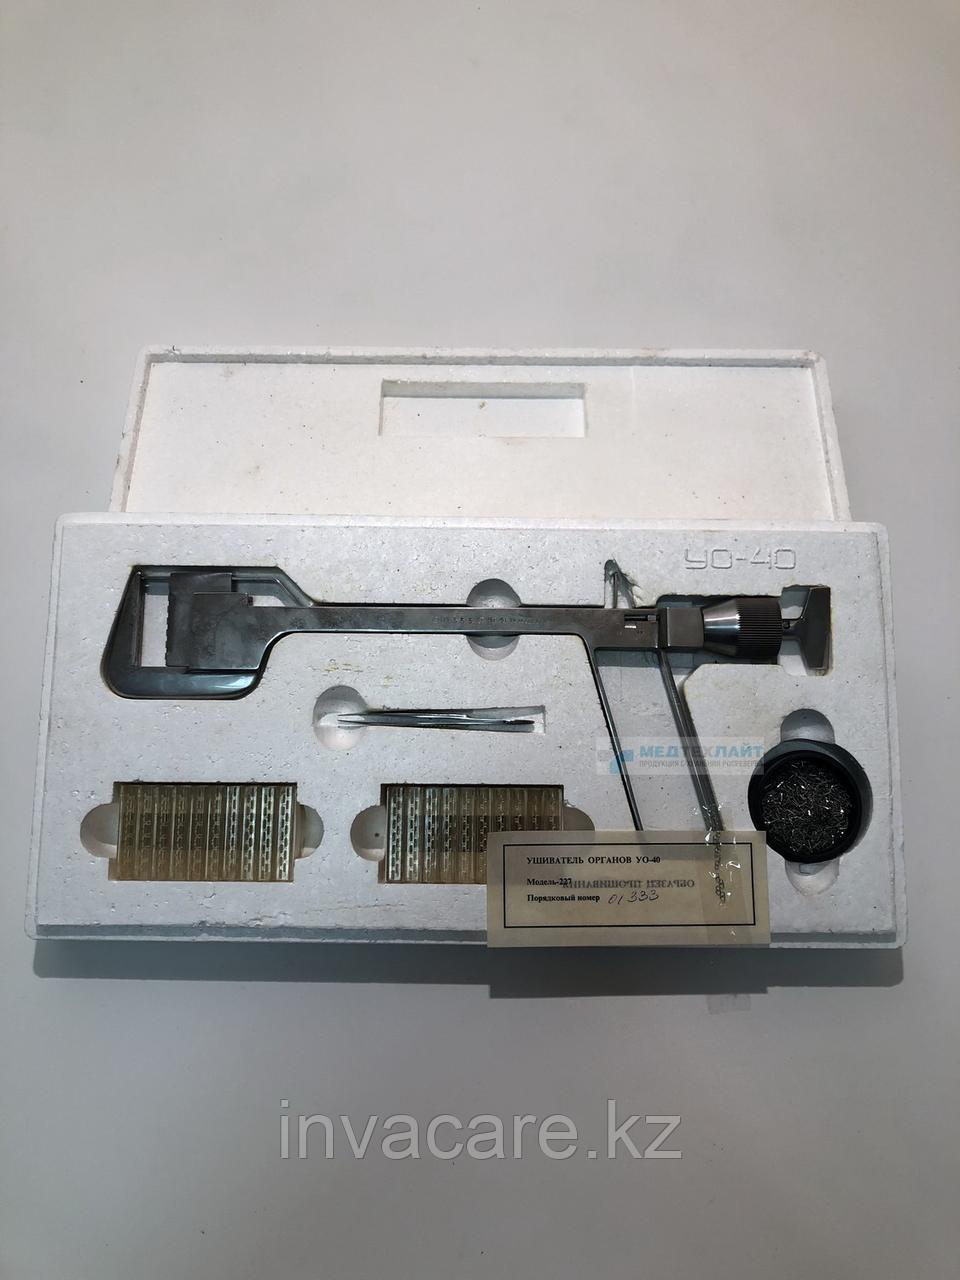 Ушиватель органов УО-40 мод. 227